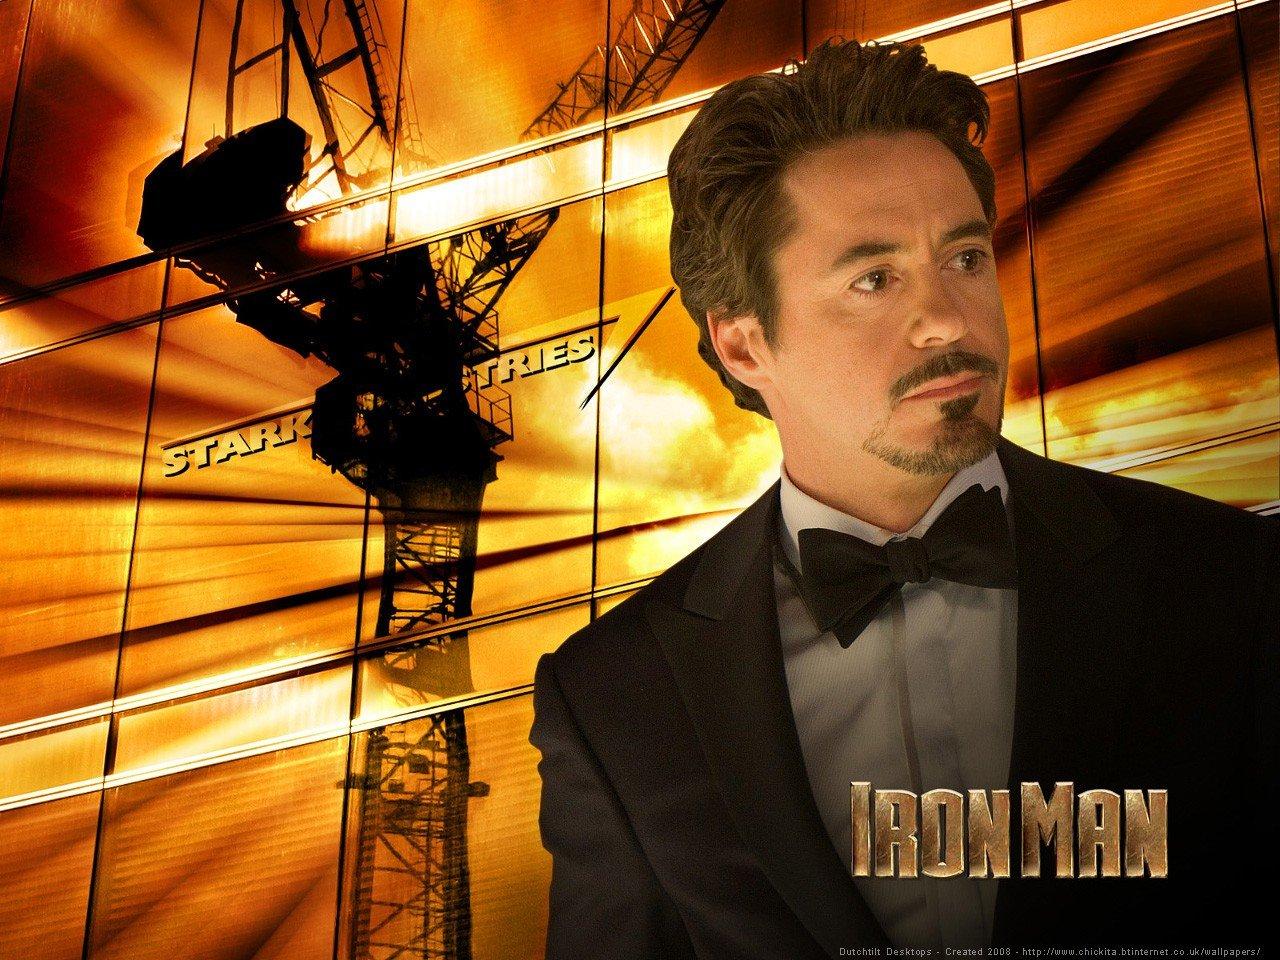 http://4.bp.blogspot.com/_Z9wJdjL6KsA/TLdvEzwSUKI/AAAAAAAACcc/gR4vX0_PYn0/s1600/iron-man-robert-downey-jr.jpg